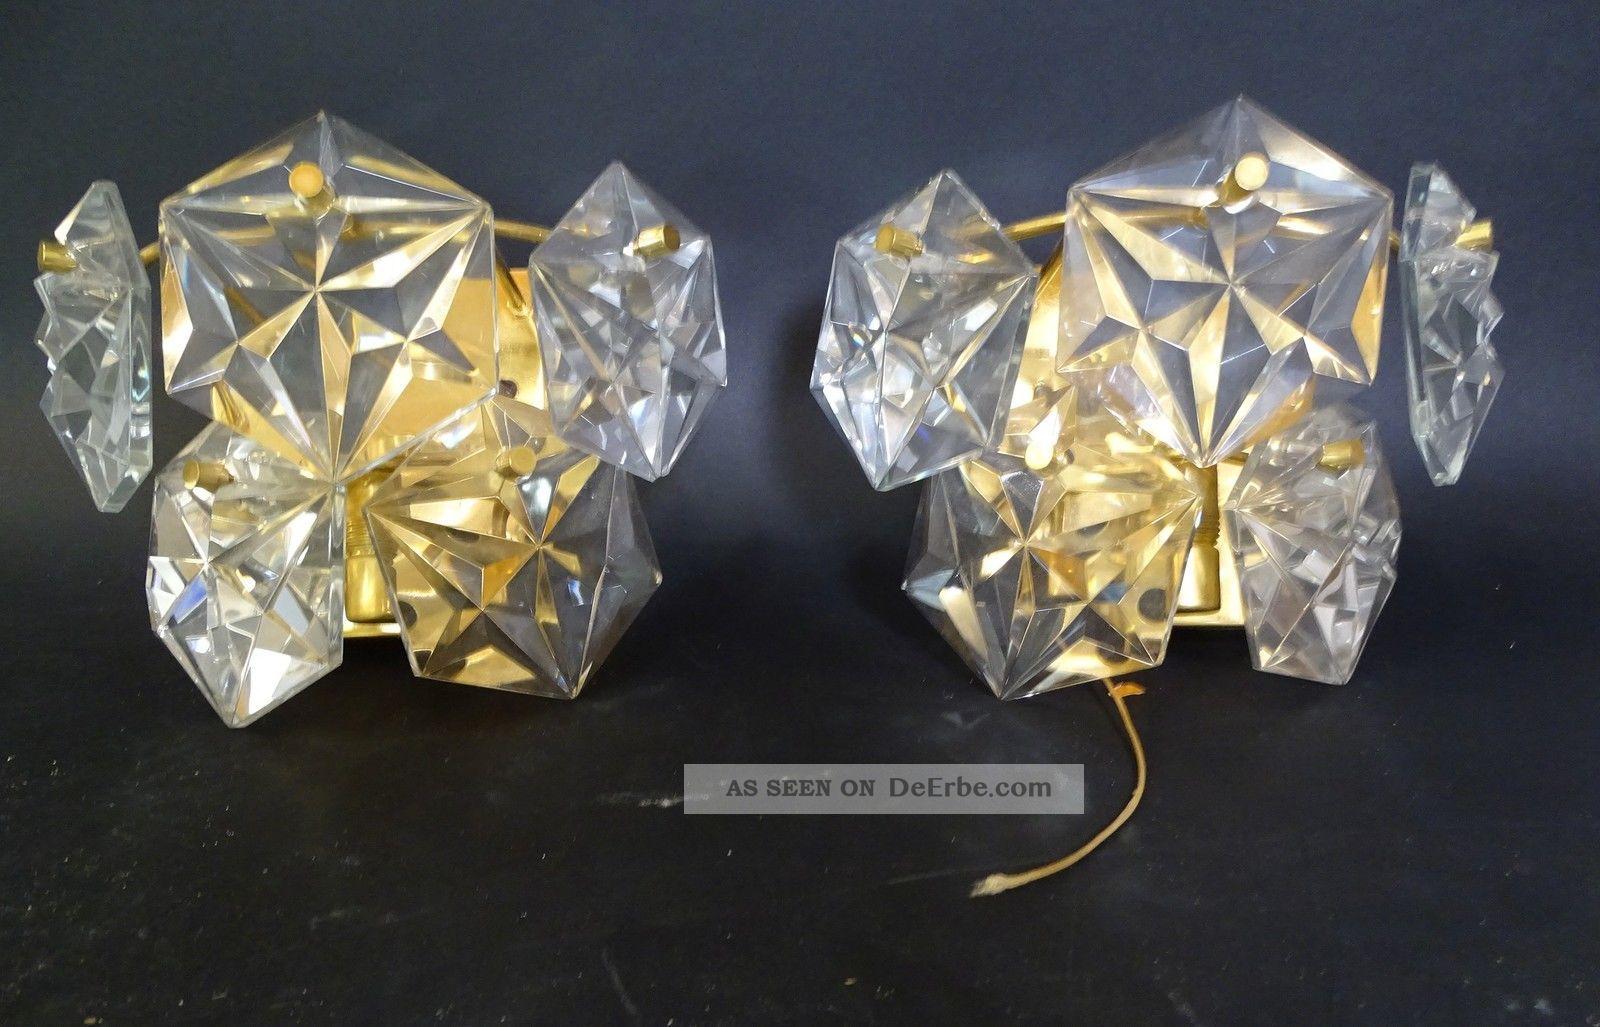 50er Jahre Design Paar Hochwertige Dickwandige Kristallglas Wandlampen Leuchter 1950-1959 Bild